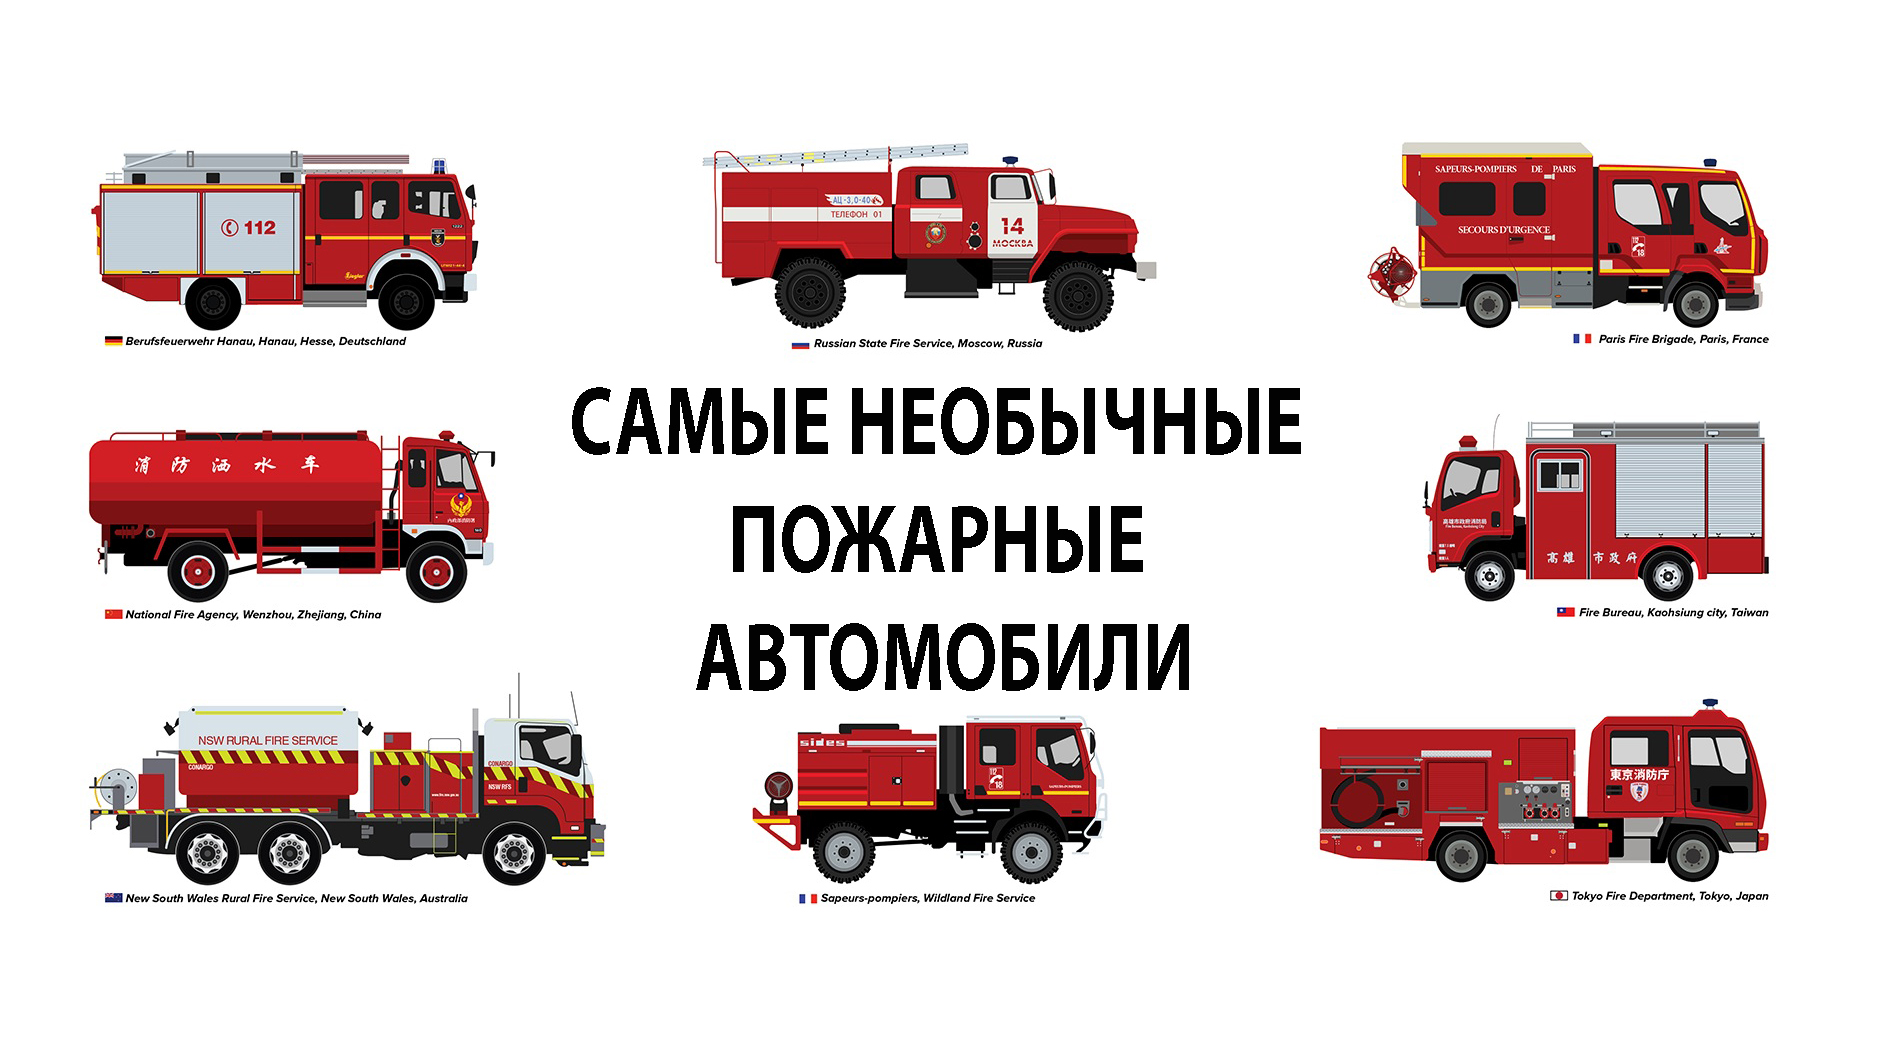 Аэродромный пожарный автомобиль: описание и разновидности